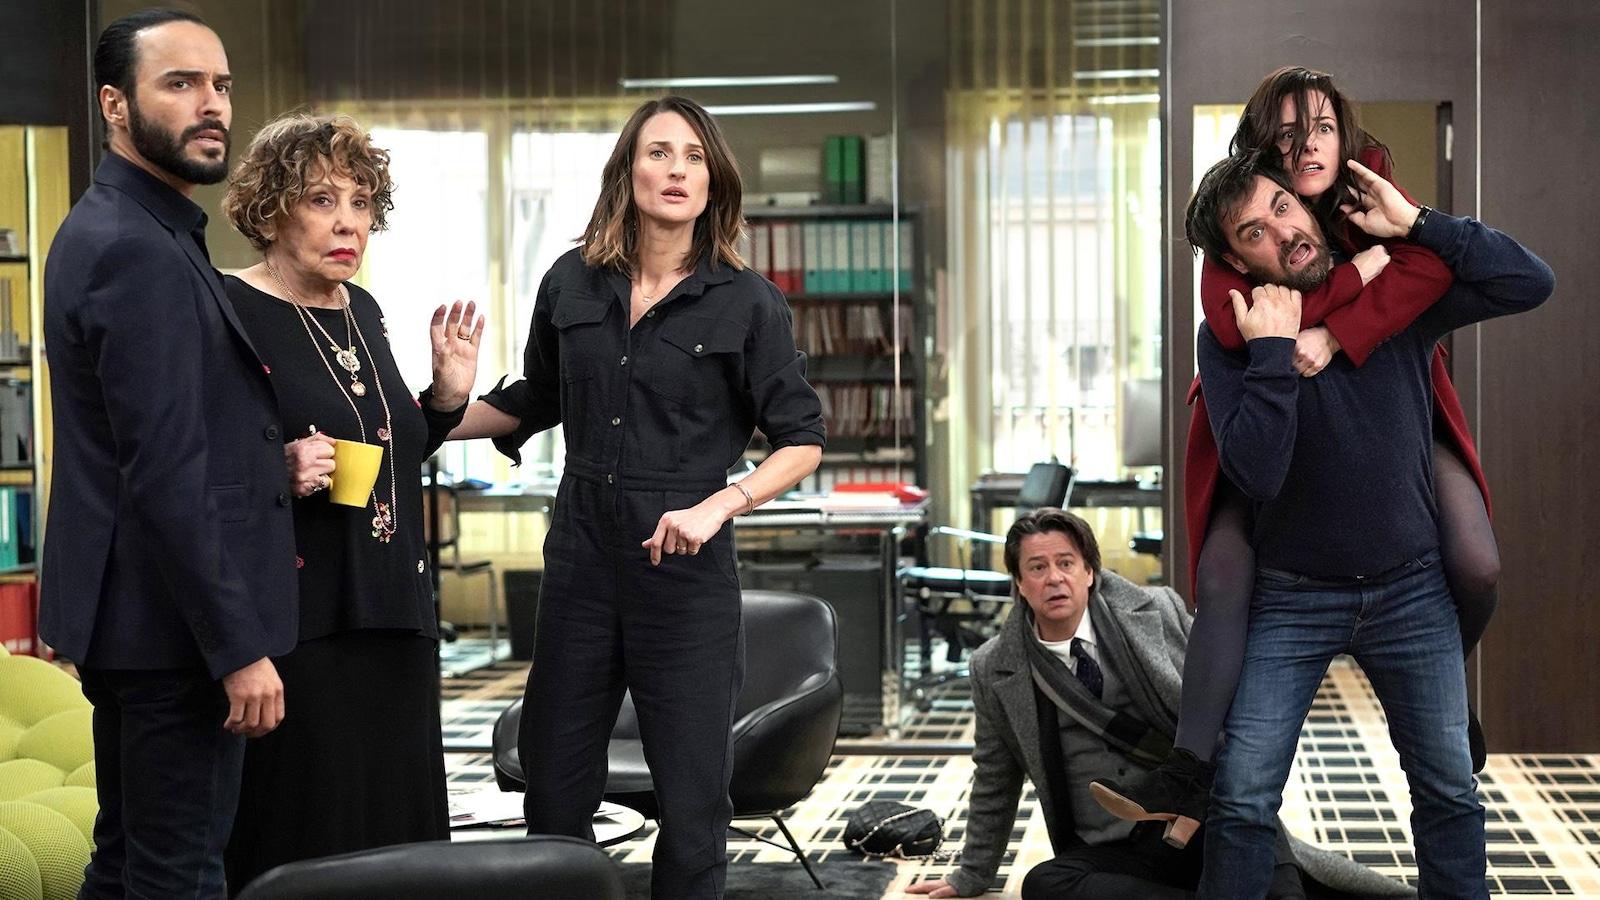 Six personnes sur la photo regardent de manière surprise dans la même direction. L'un est par terre alors qu'une autre est sur les épaules de l'autre.